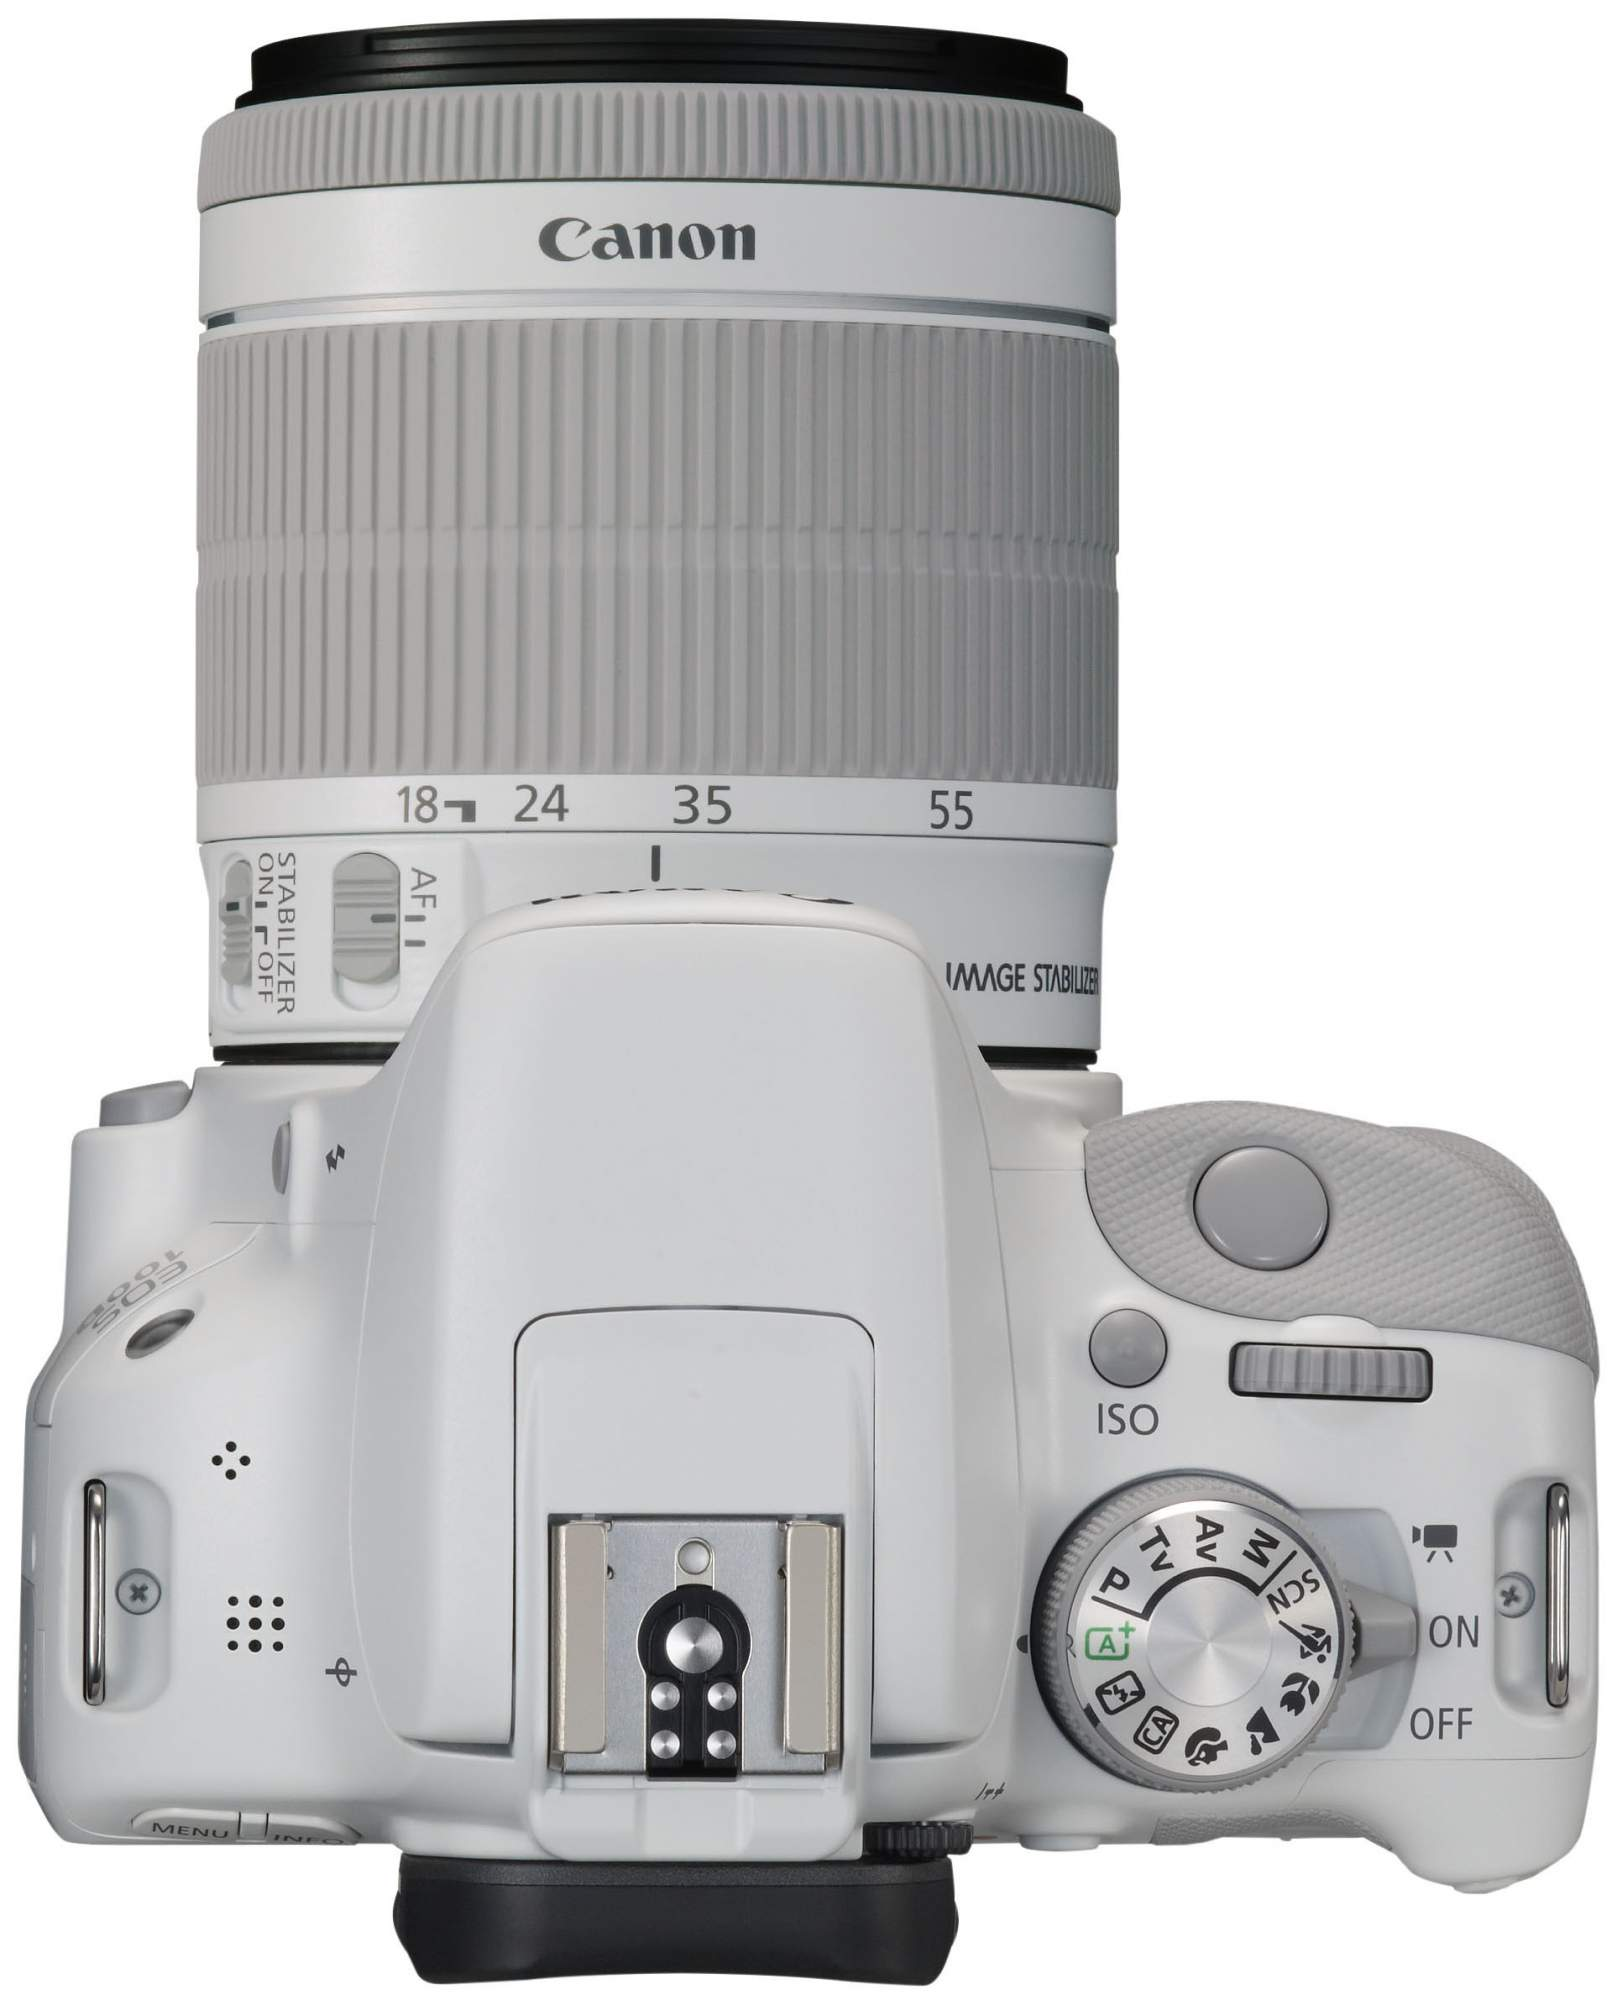 клей, выбор фотоаппарата по характеристикам своей статье хочу